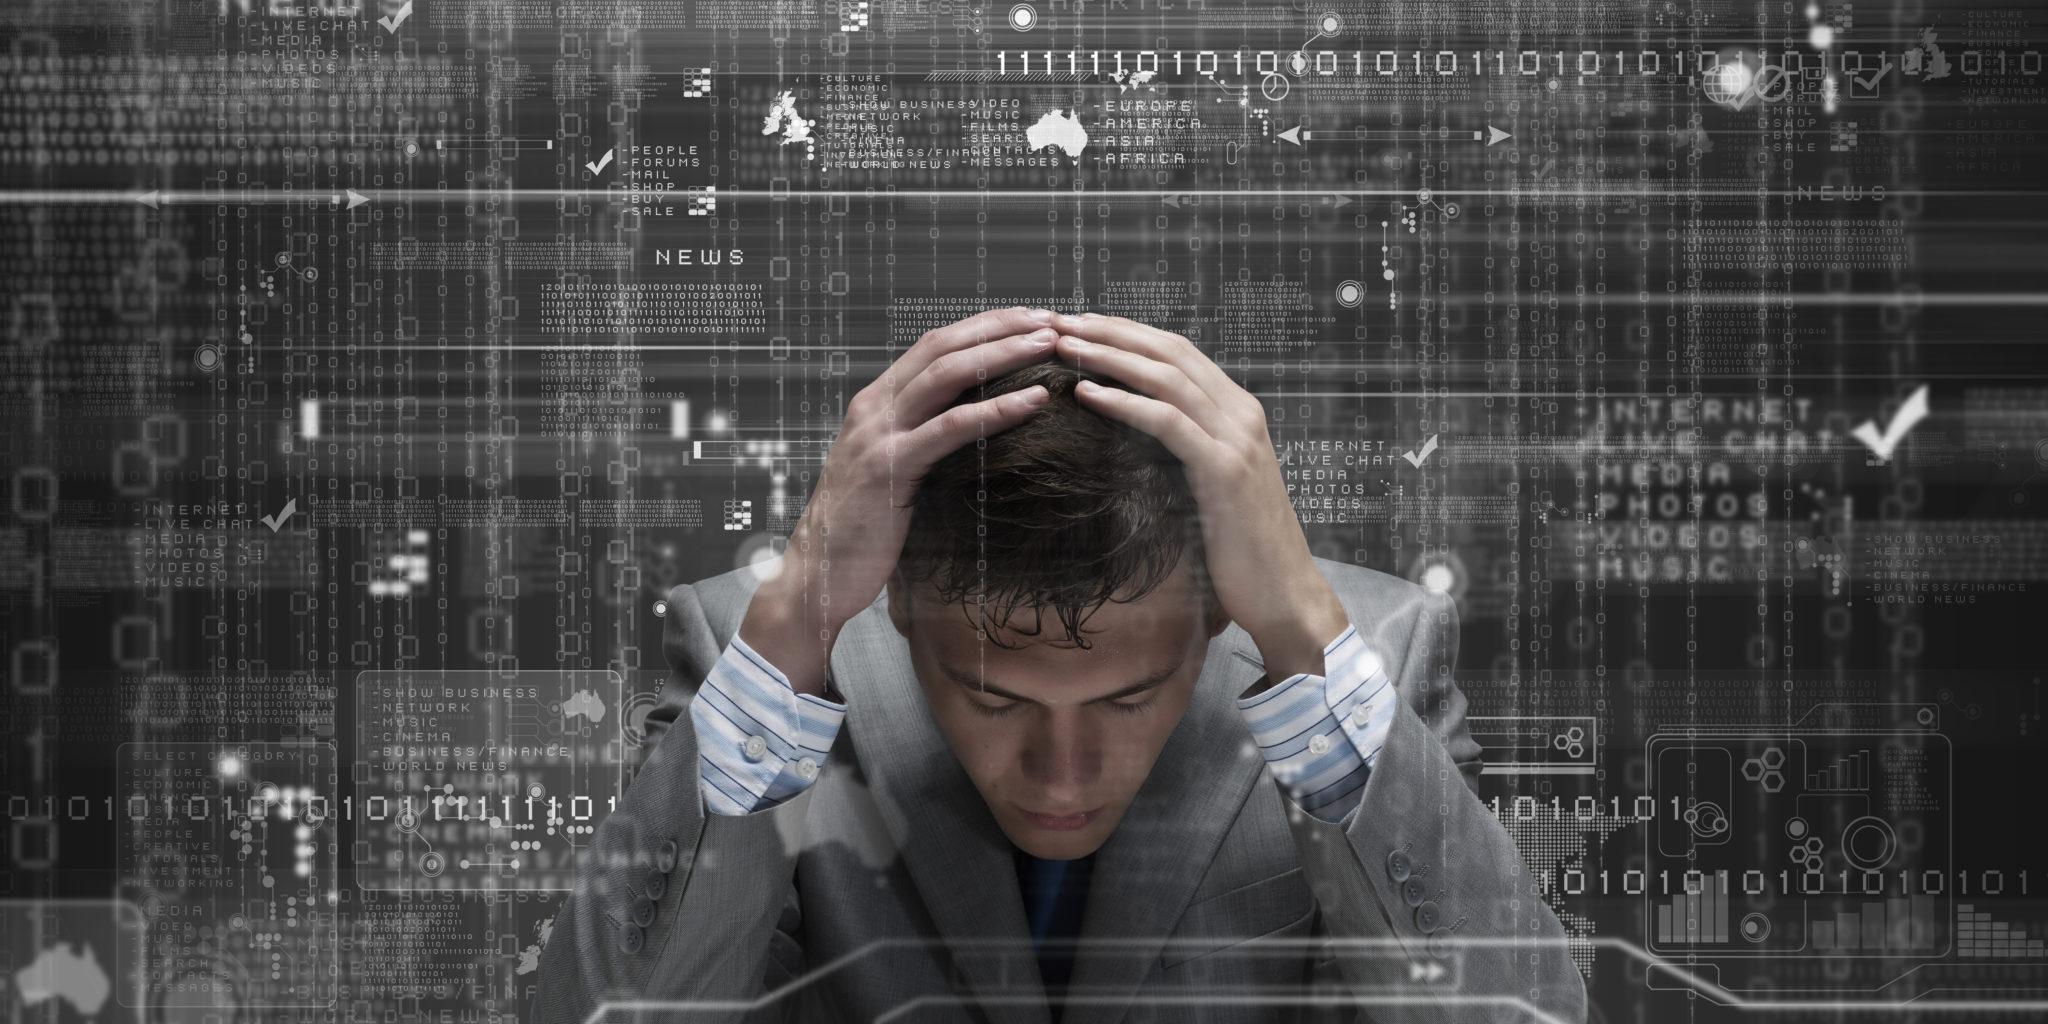 Plus de la moitié (54%) des entreprises touchées par une cyberattaque ont connu une interruption de service